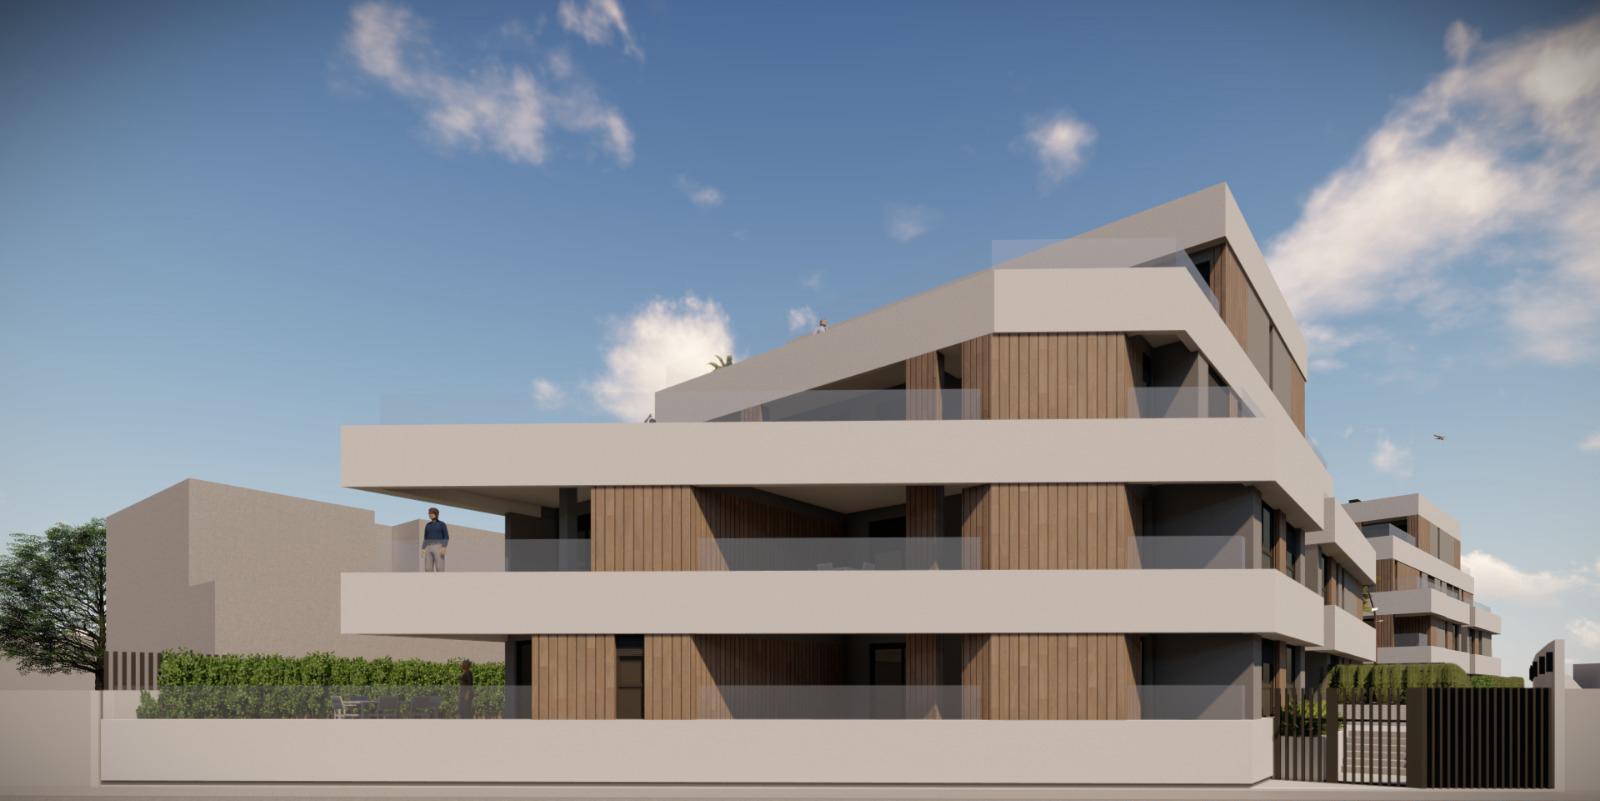 Nieuwbouw project in San Javier (Spanje, Costa Cálida)